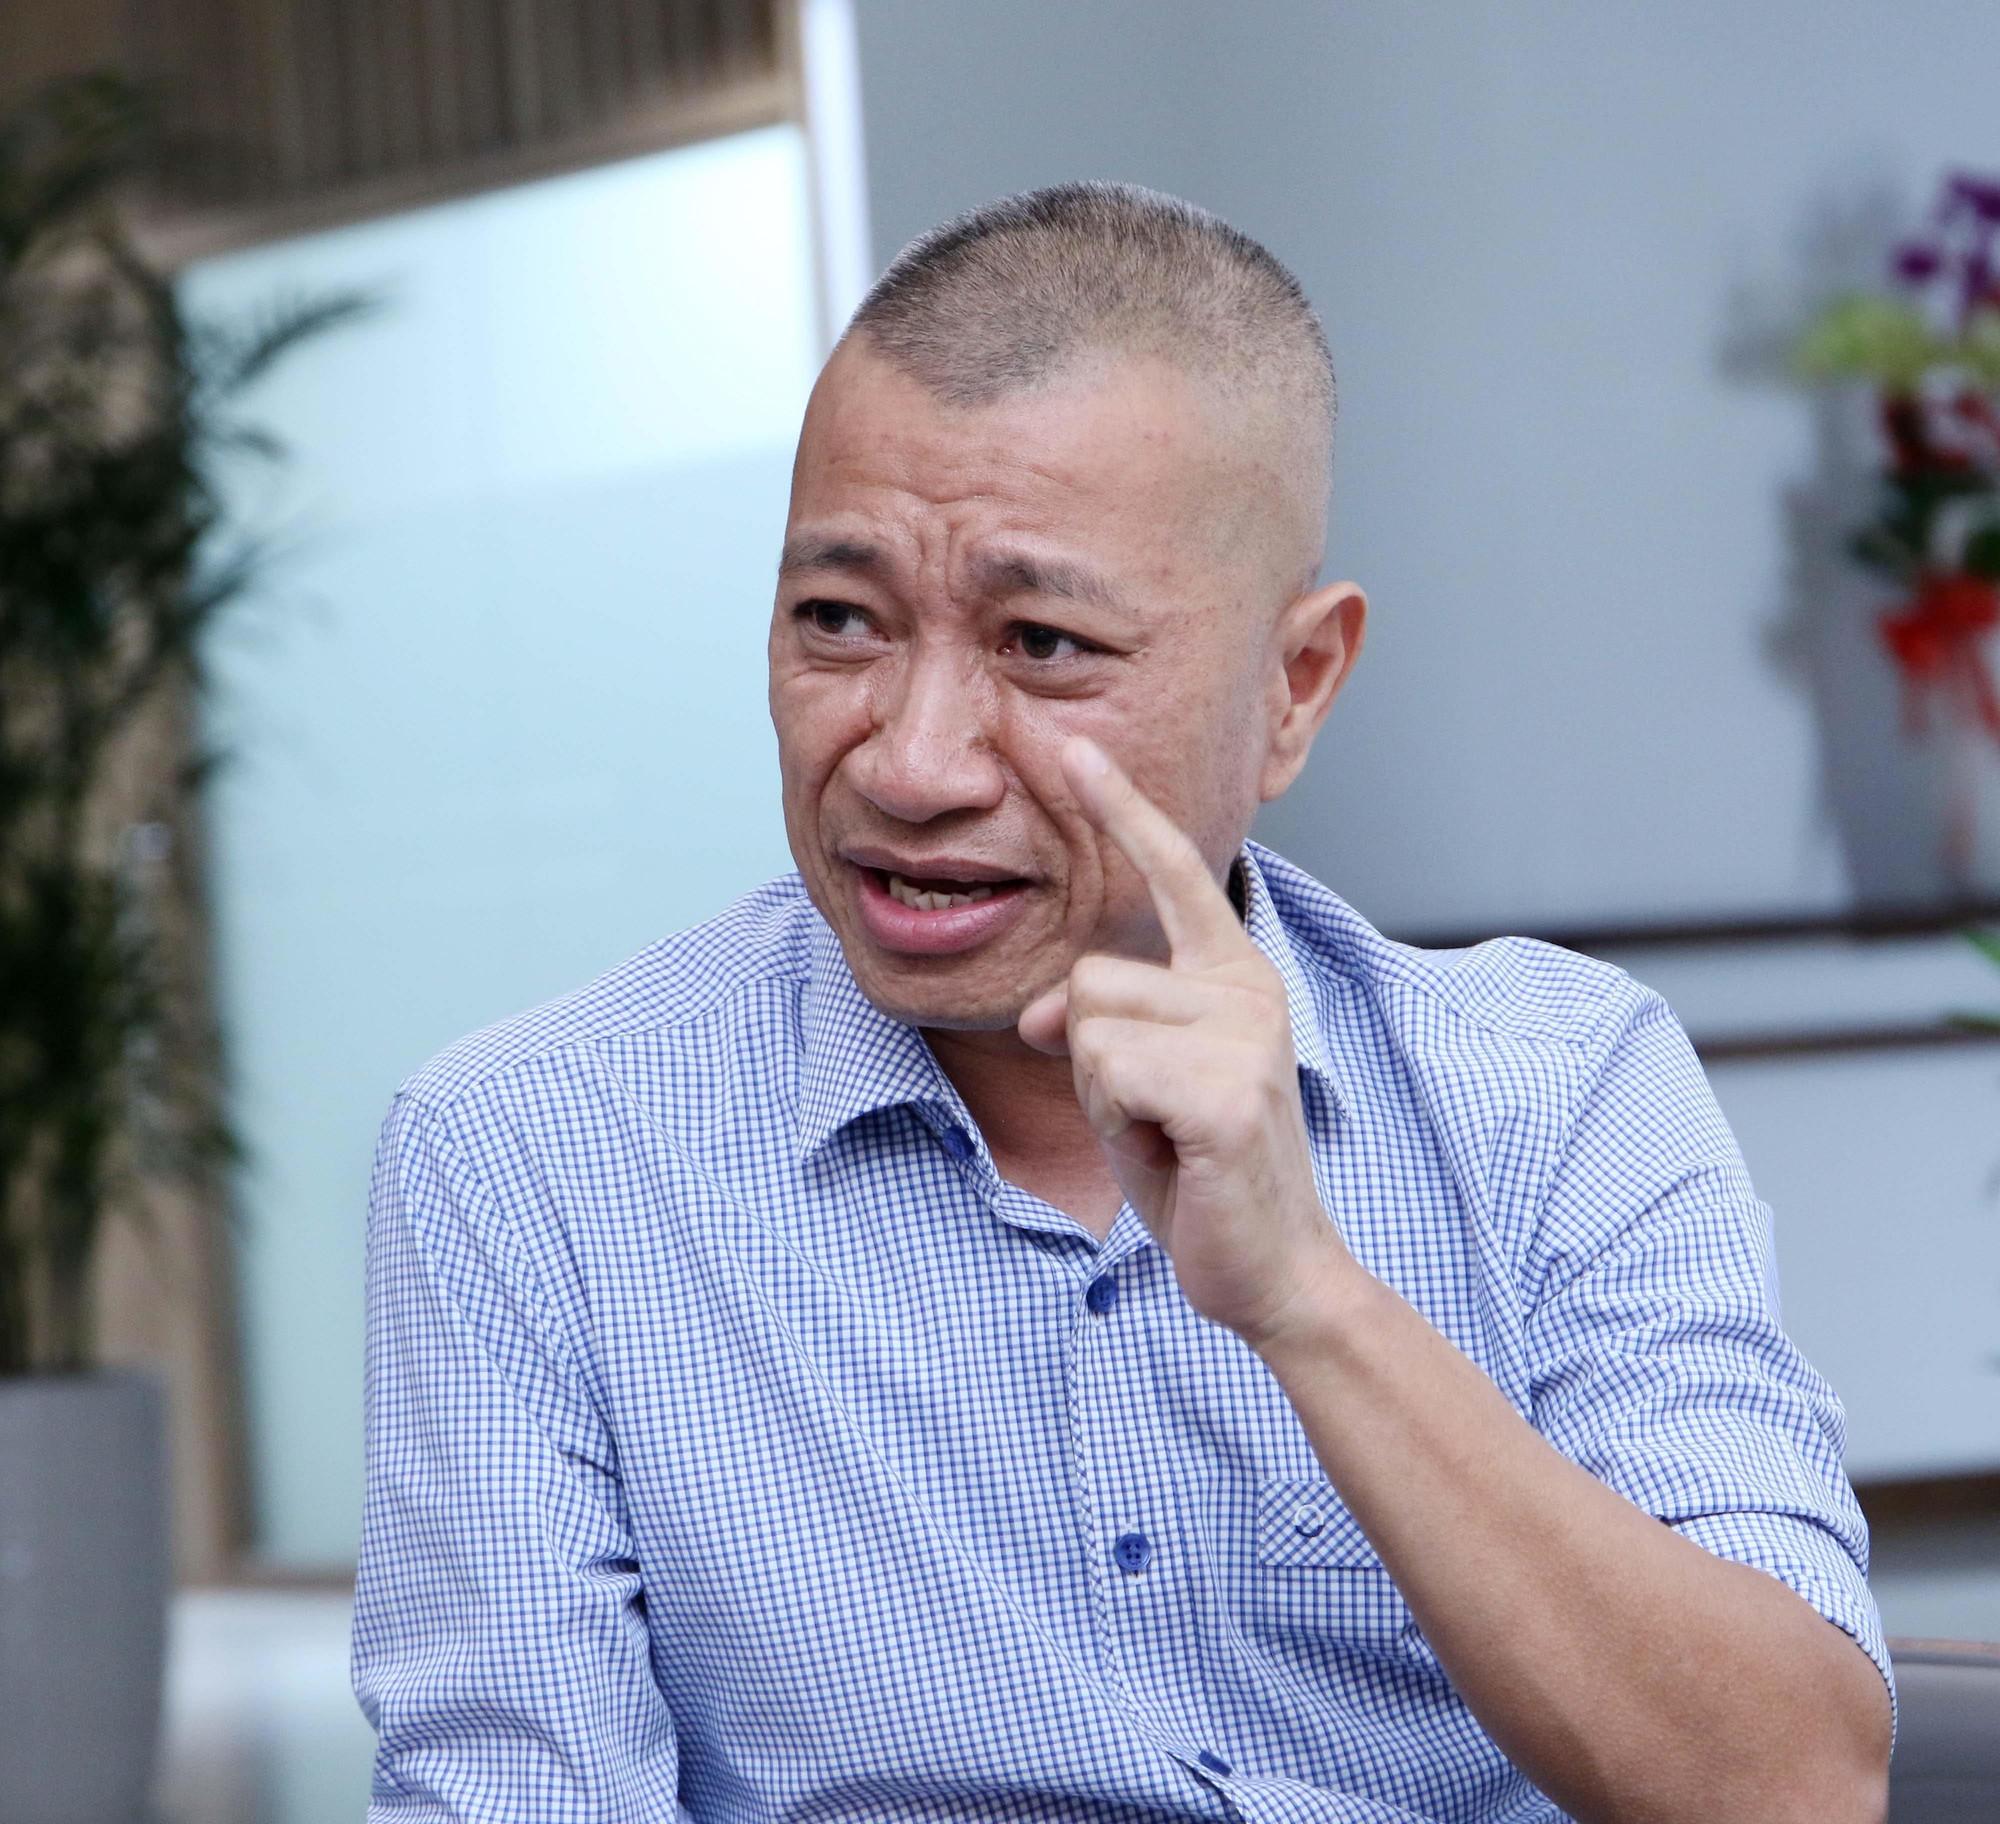 CEO Bách hóa Xanh: 'Mở cửa hàng bán rau, tháng thu 2 tỷ nghe điên rồ' - Ảnh 1.